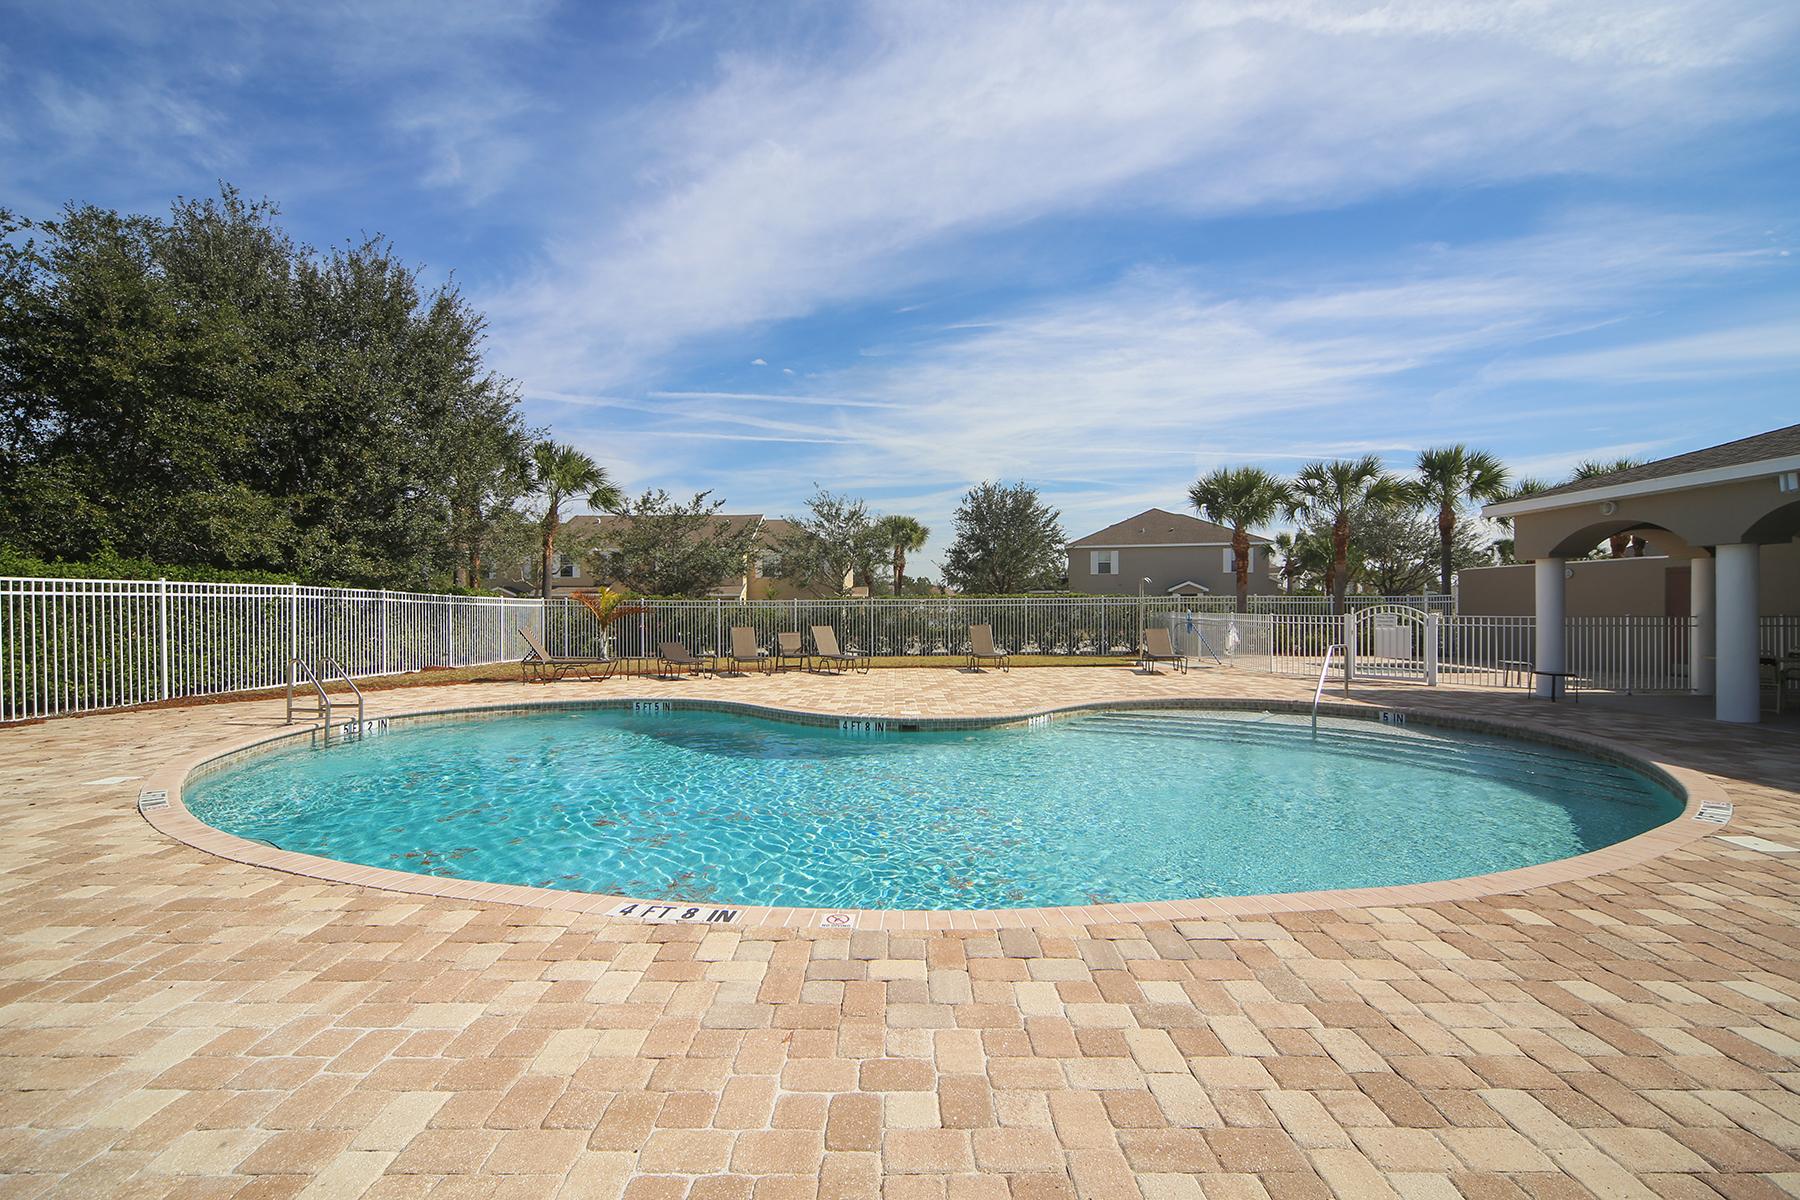 联栋屋 为 销售 在 EDGEWATER VILLAGE 14967 Skip Jack Loop 104, 莱克伍德牧场, 佛罗里达州, 34202 美国